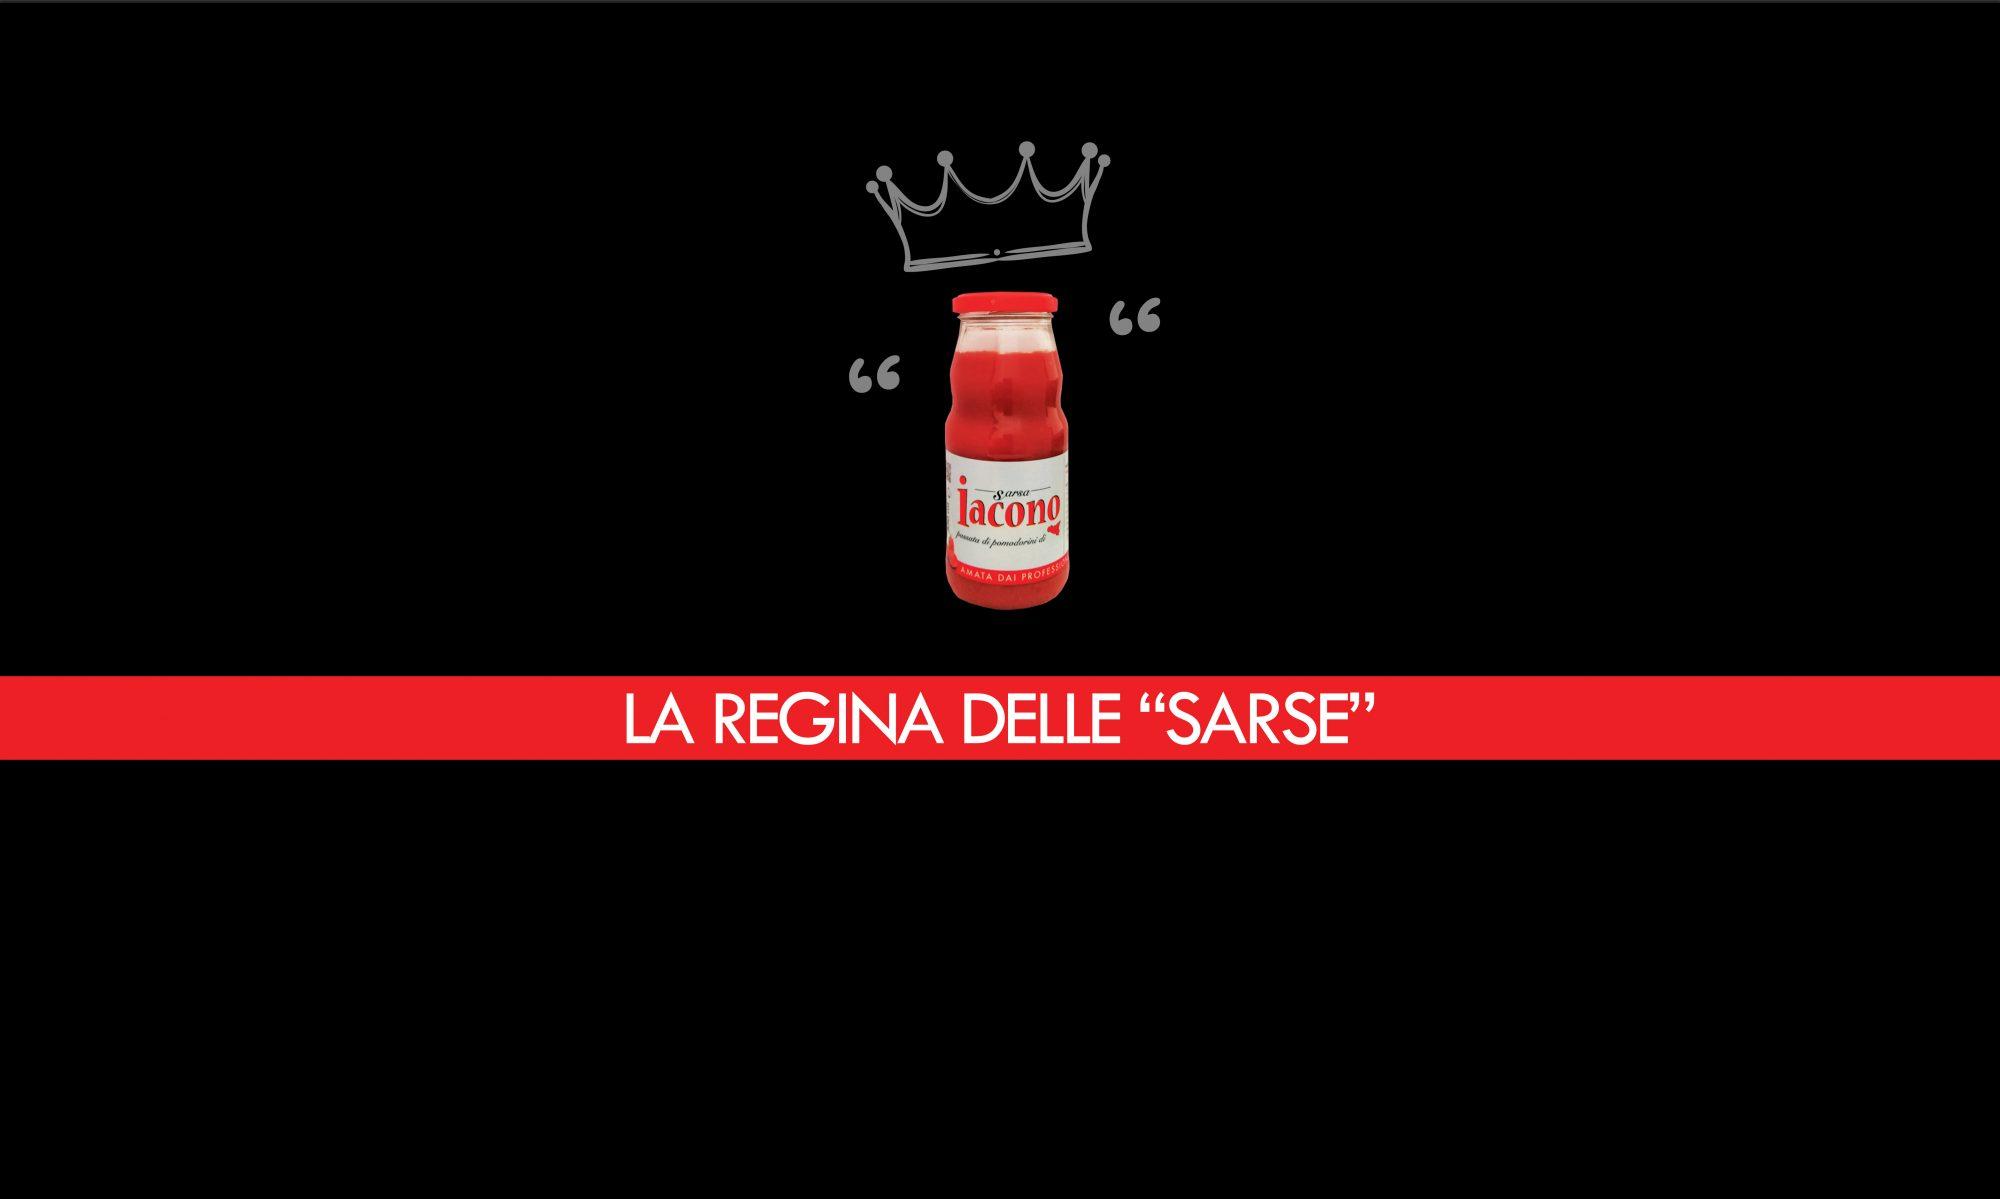 """LA REGINA DELLE """"SARSE"""""""